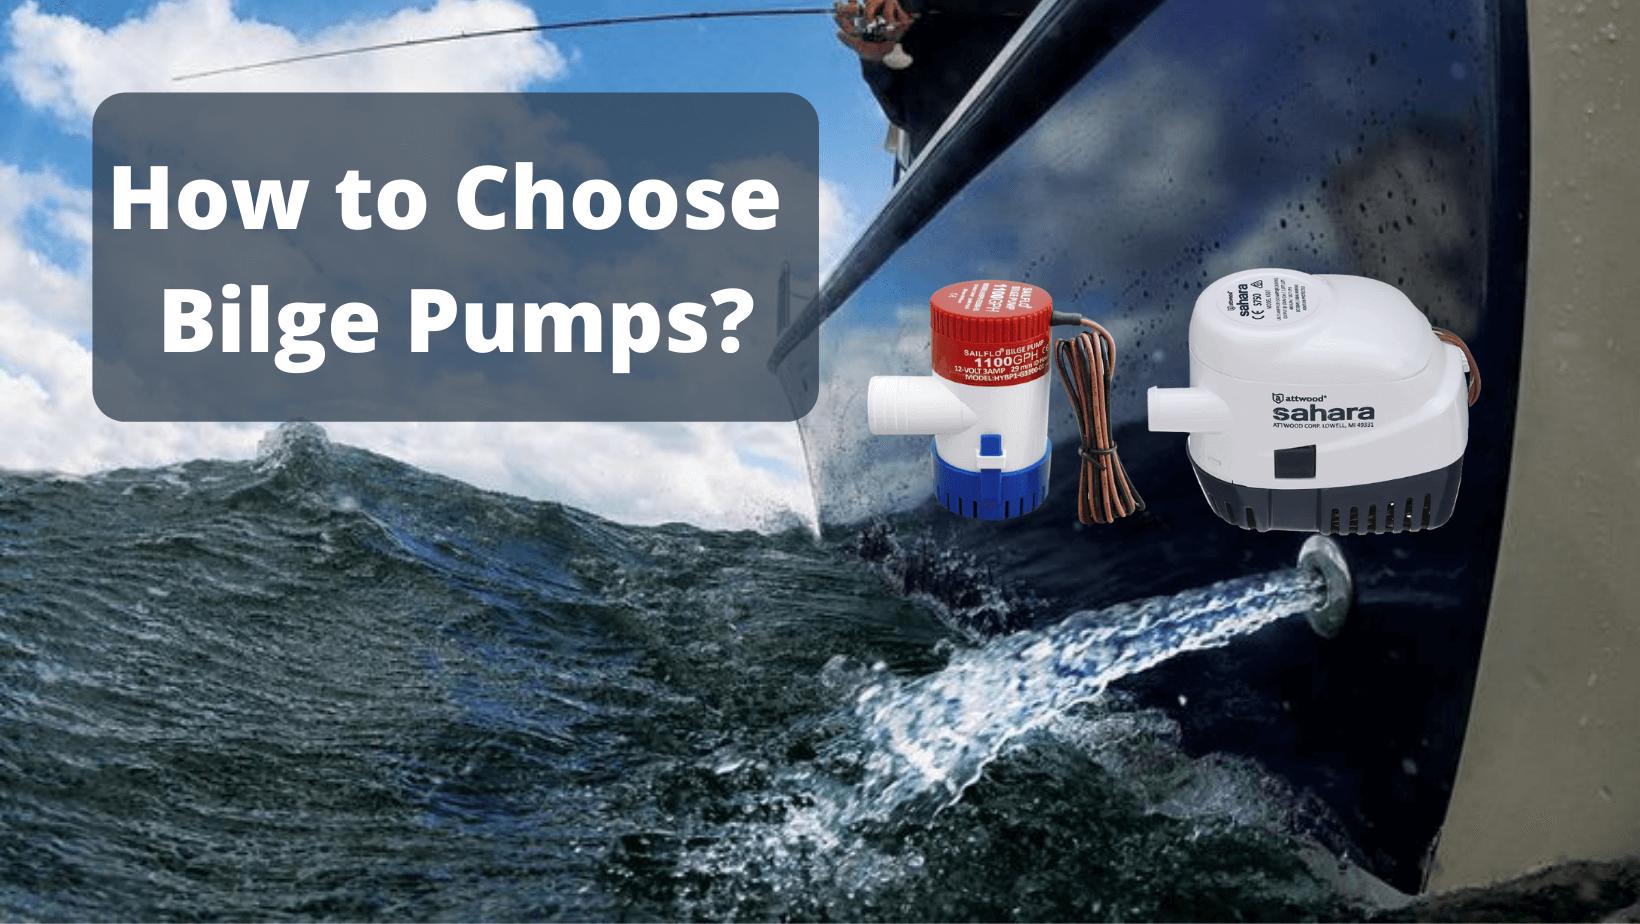 How to Choose Bilge Pumps - banner